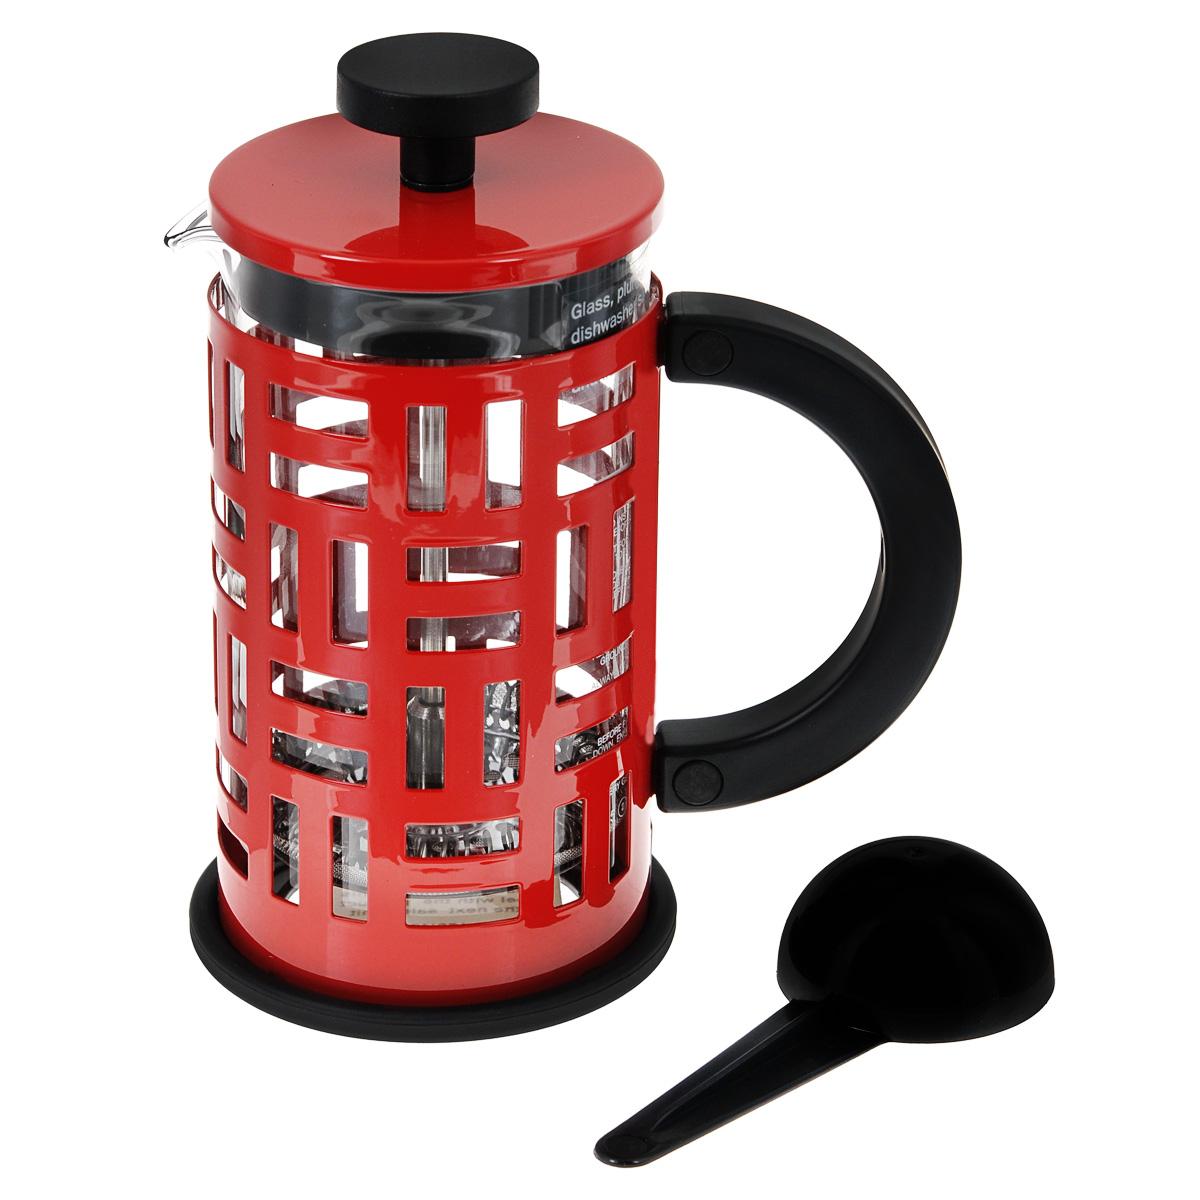 Кофейник Bodum Eileen с прессом, цвет: красный, 350 мл11198-294Кофейник Bodum Eileen имеет жаропрочный, теплосберегающий узкий стеклянный цилиндр и поршень, нижняя часть которого соединена с сетчатым металлическим фильтром. Кофейник изготовлен на основе технологии «френч-пресс». Кофейник Bodum Eileen имеет удобную ручку, изготовленную из пластика. Коспус кофейника, изготовлен из нержавеющей стали, в оригинальном стиле. Свое название кофейник приобрел, благодаря гениальному дизайнеру Эйлин Грей (Eileen Gray) .Стиль Эйлин, схож со стилем Bodum. Она работала с металлом и создавала простые и лаконичные формы. Кофейник можно наблюдать во многих кафе Парижа. Кофейник с прессом Bodum Eileen добавит вашему домашнему интерьеру французского шарма. Не применять на плите. Мешать кофе пластмассовой ложкой (входит в комплект). Сильно не давить на пресс. Все детали пригодны для мытья в посудомоечной машине.